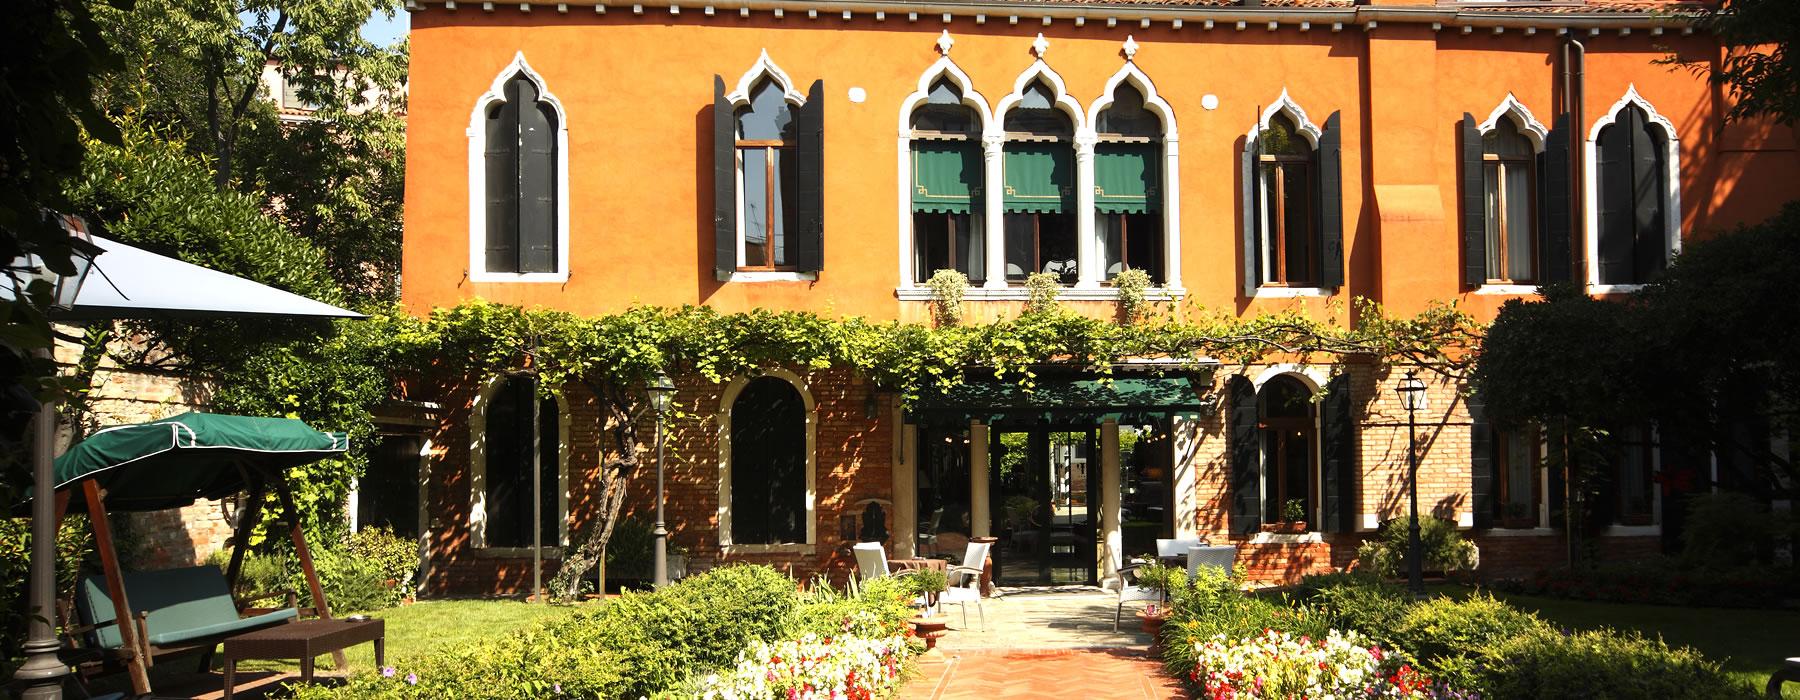 Location Hotel Pensione Accademia Venezia